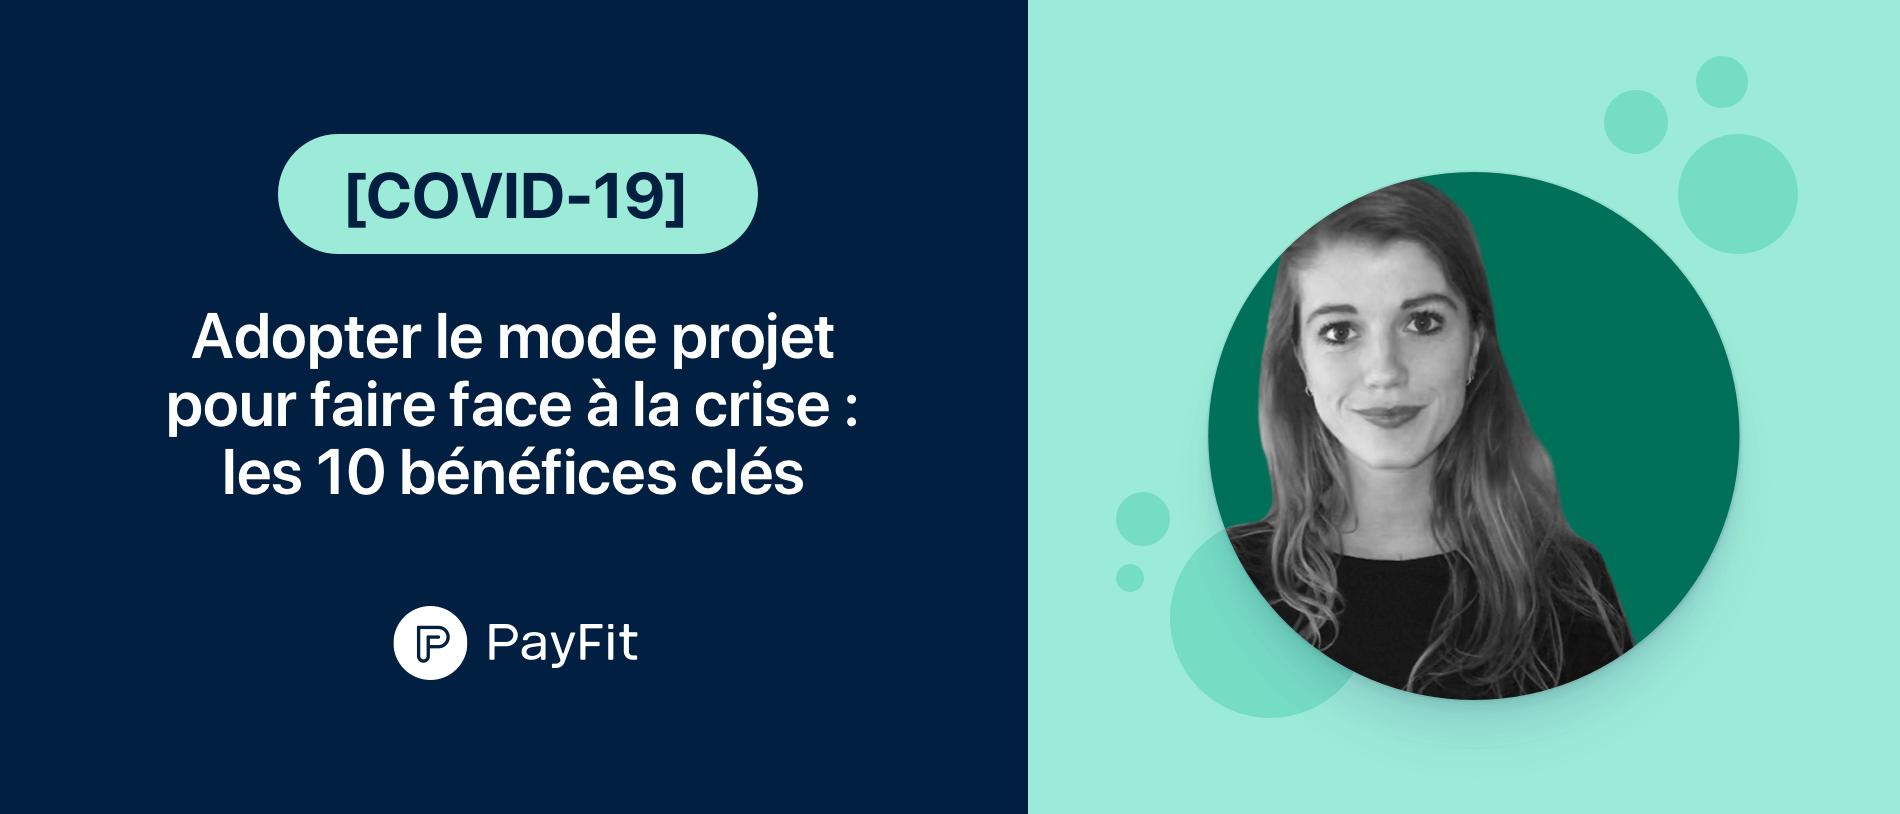 Adopter le mode projet pour faire face à la crise : les 10 bénéfices clés